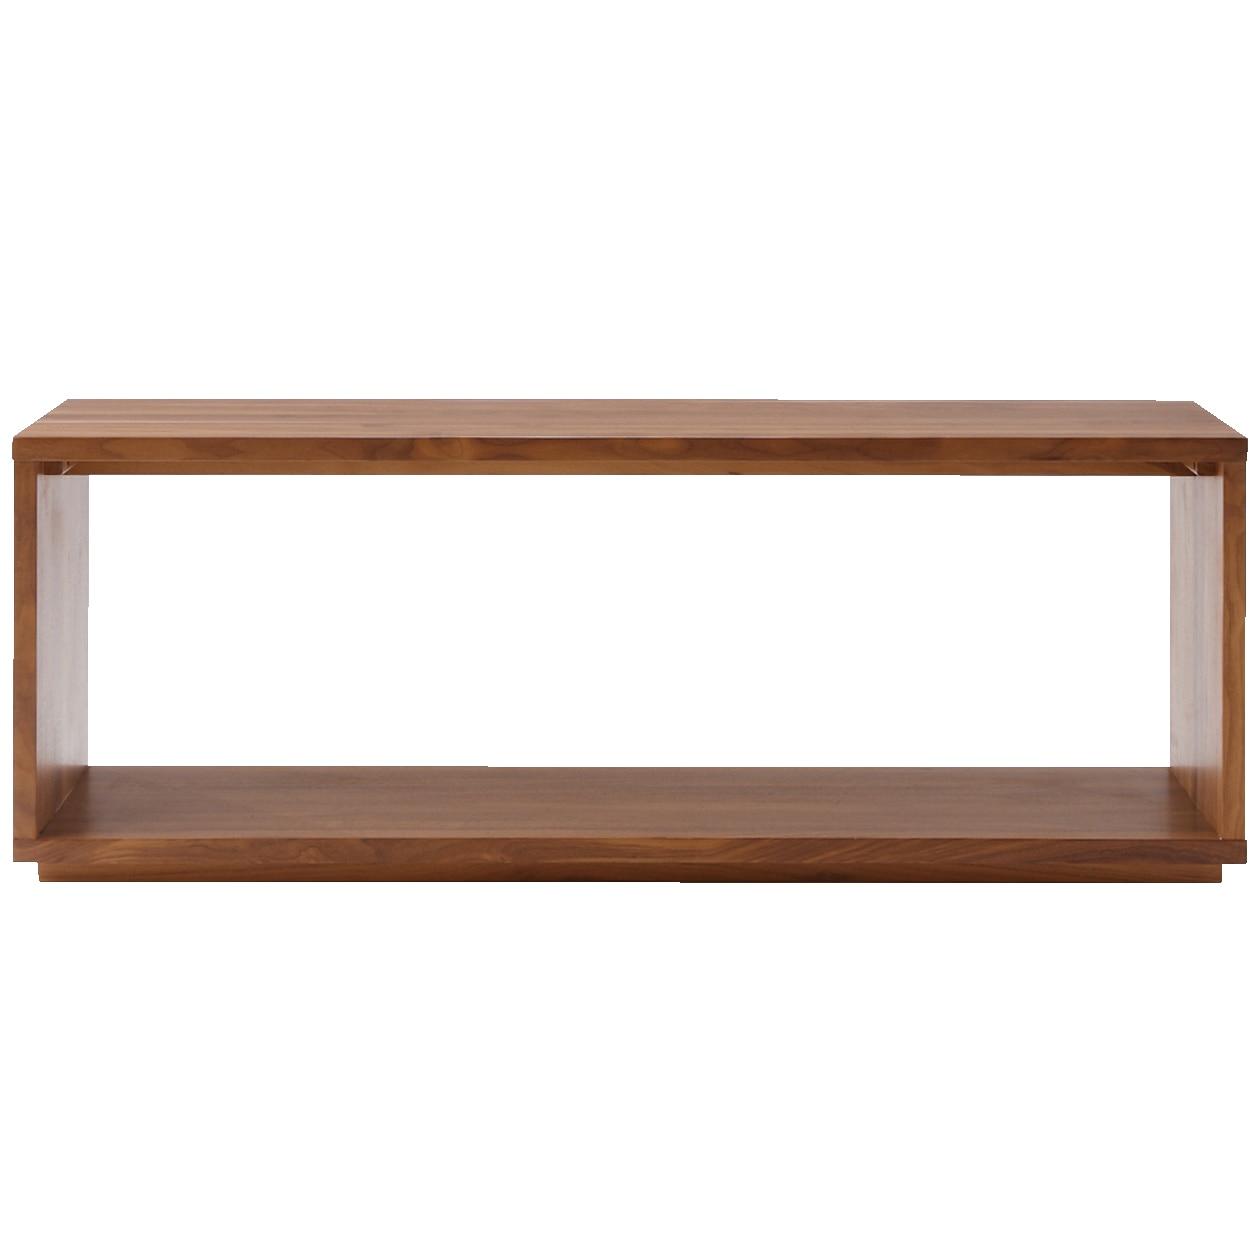 無垢材テーブルベンチ・ウォールナット材